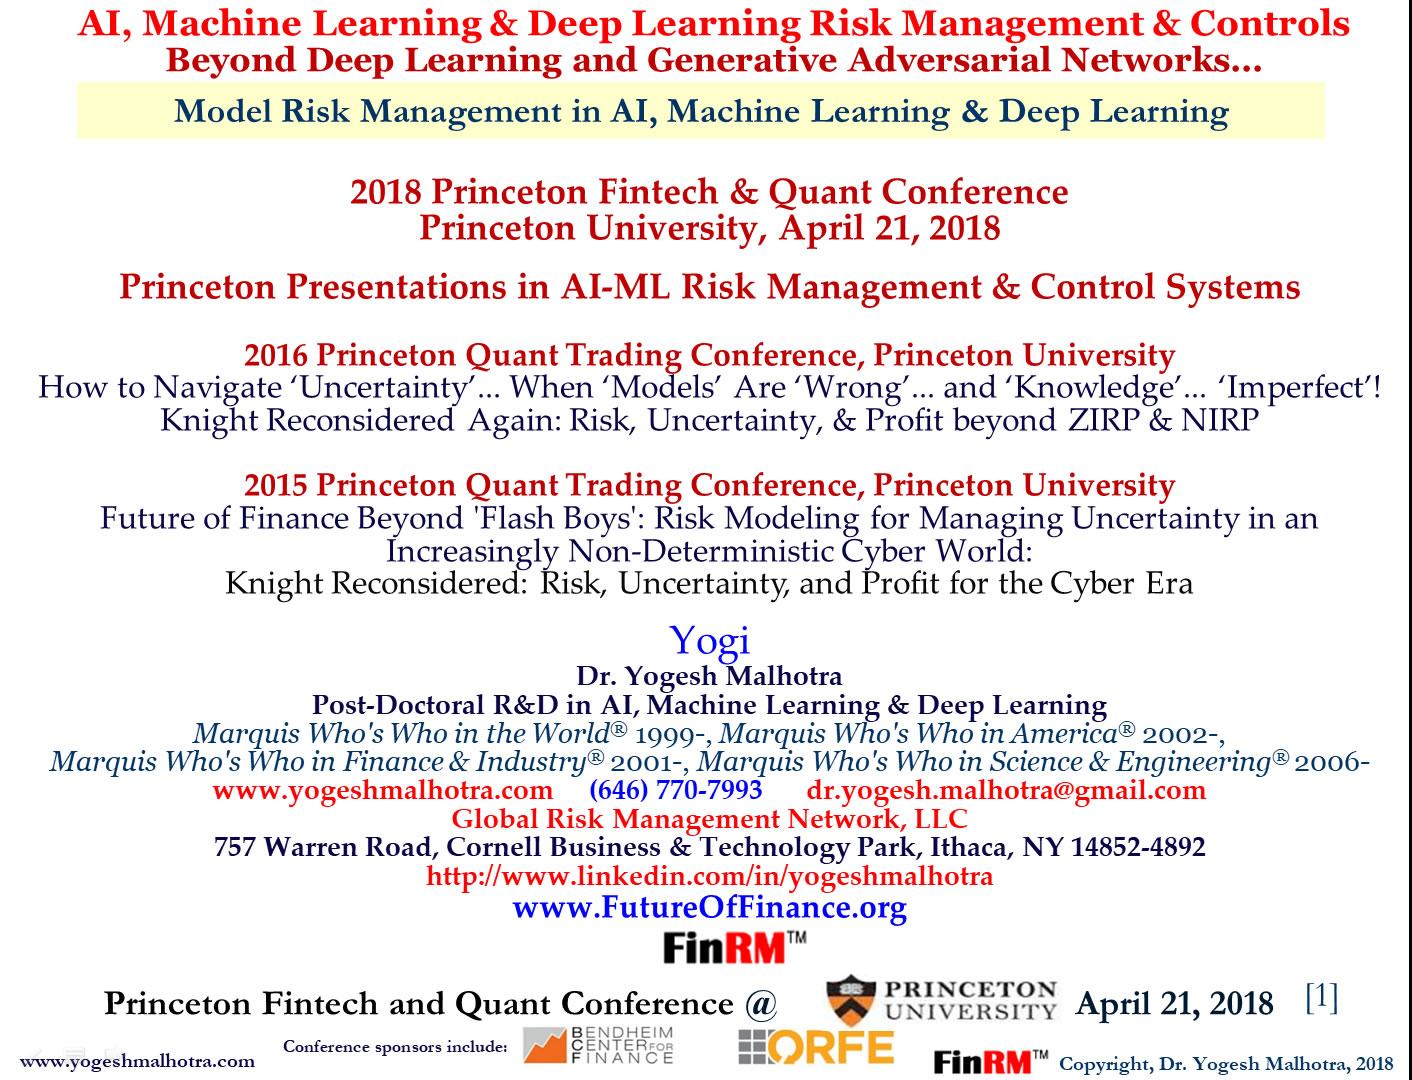 2018 Princeton FinTech & Quant Conference